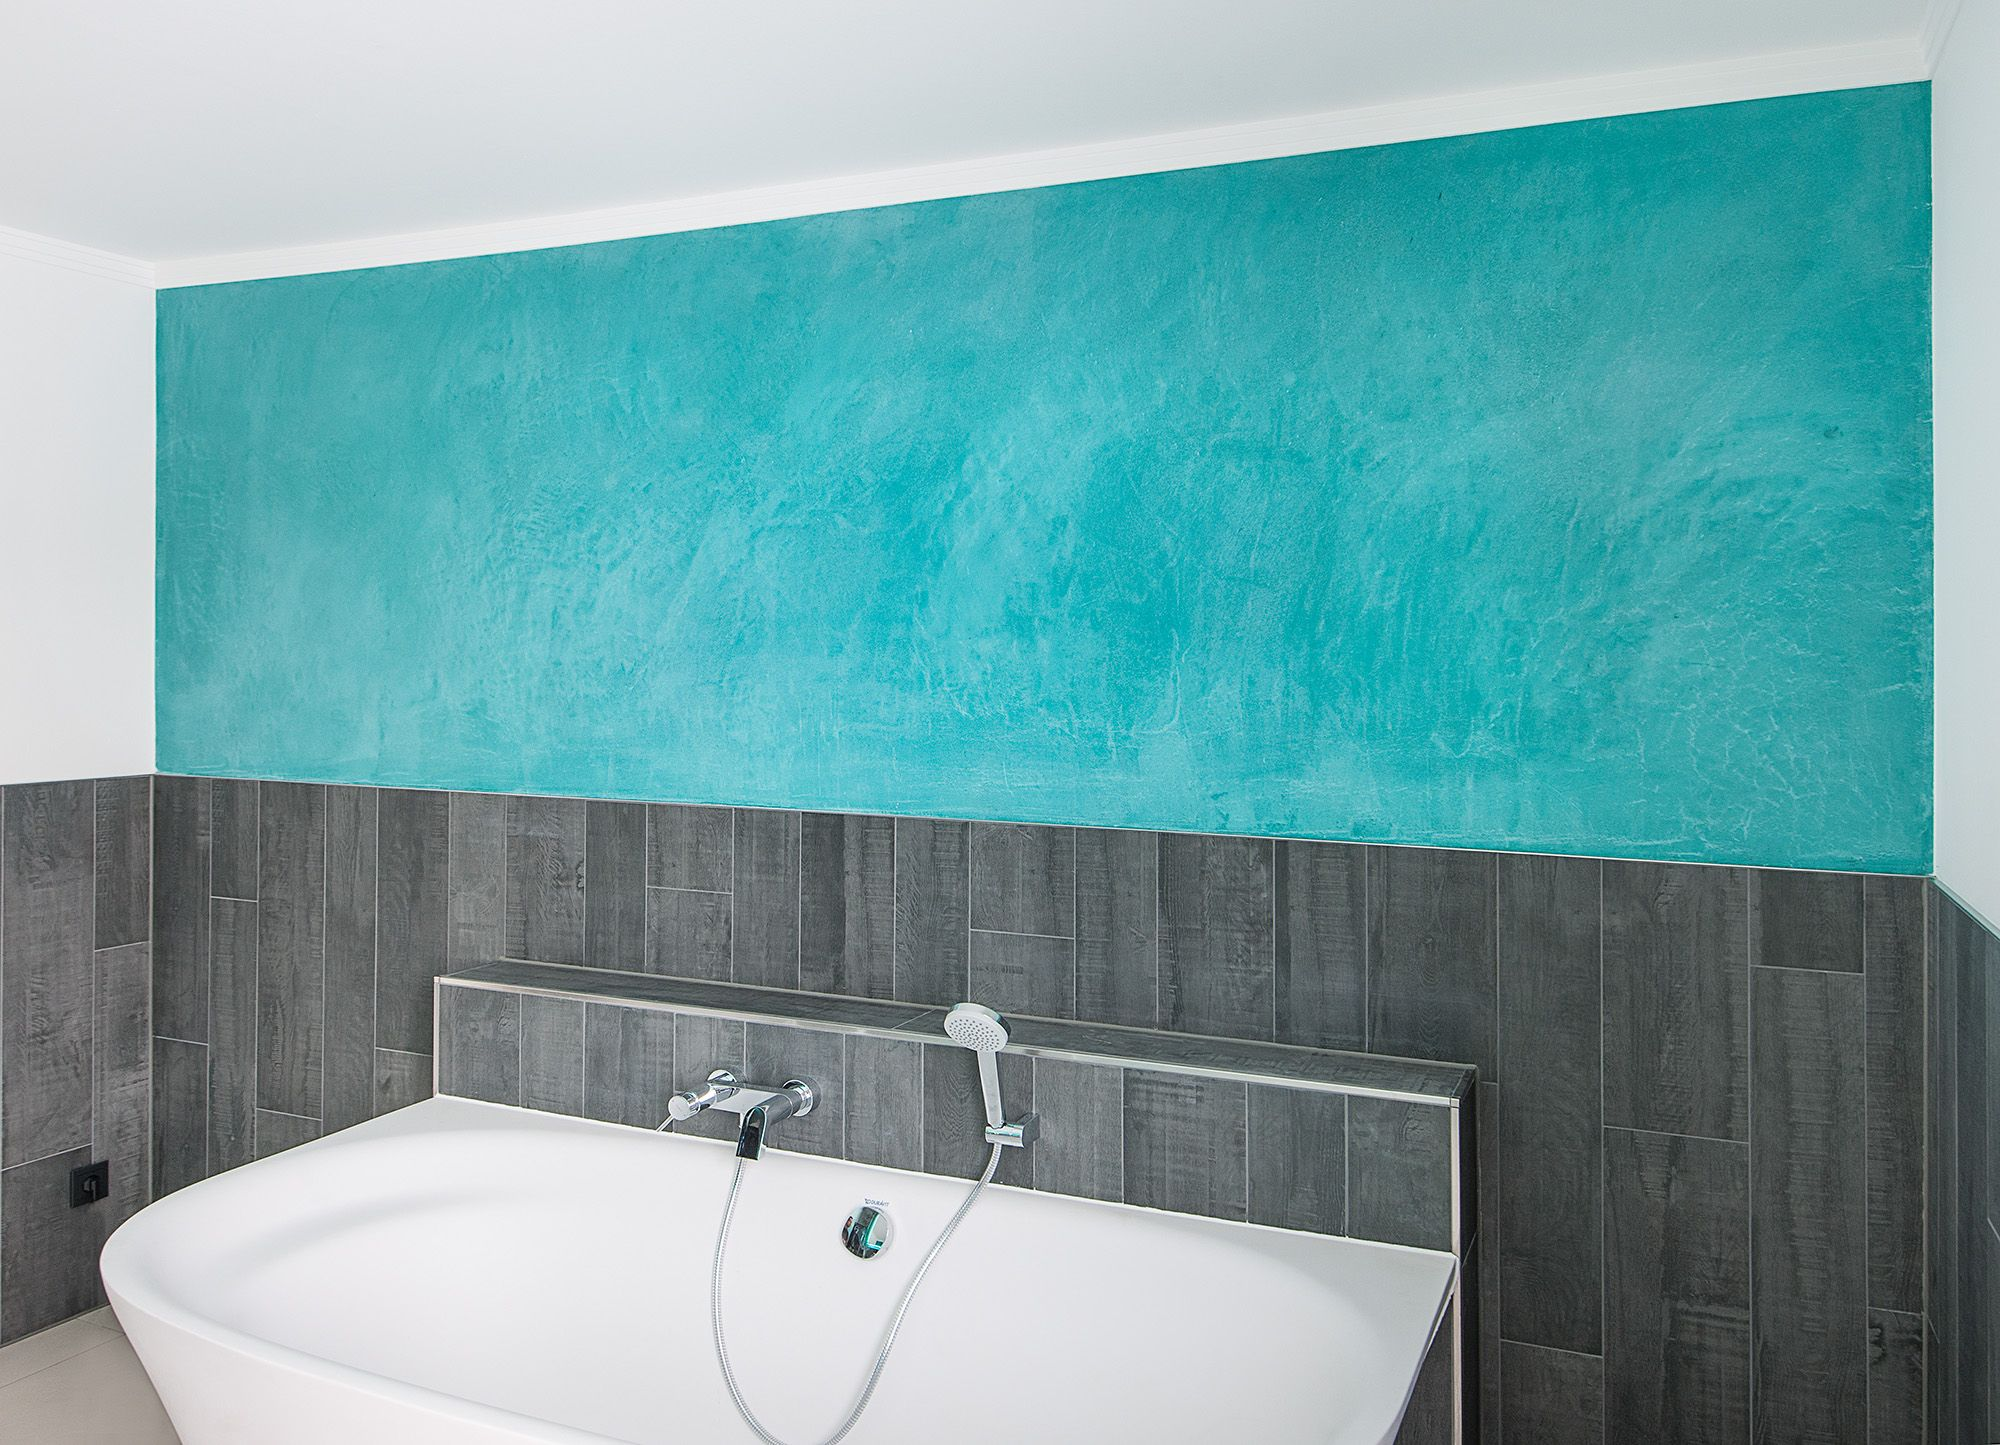 Farbige Gestaltung einer Badezimmerwand mit Spachteltechnik ...